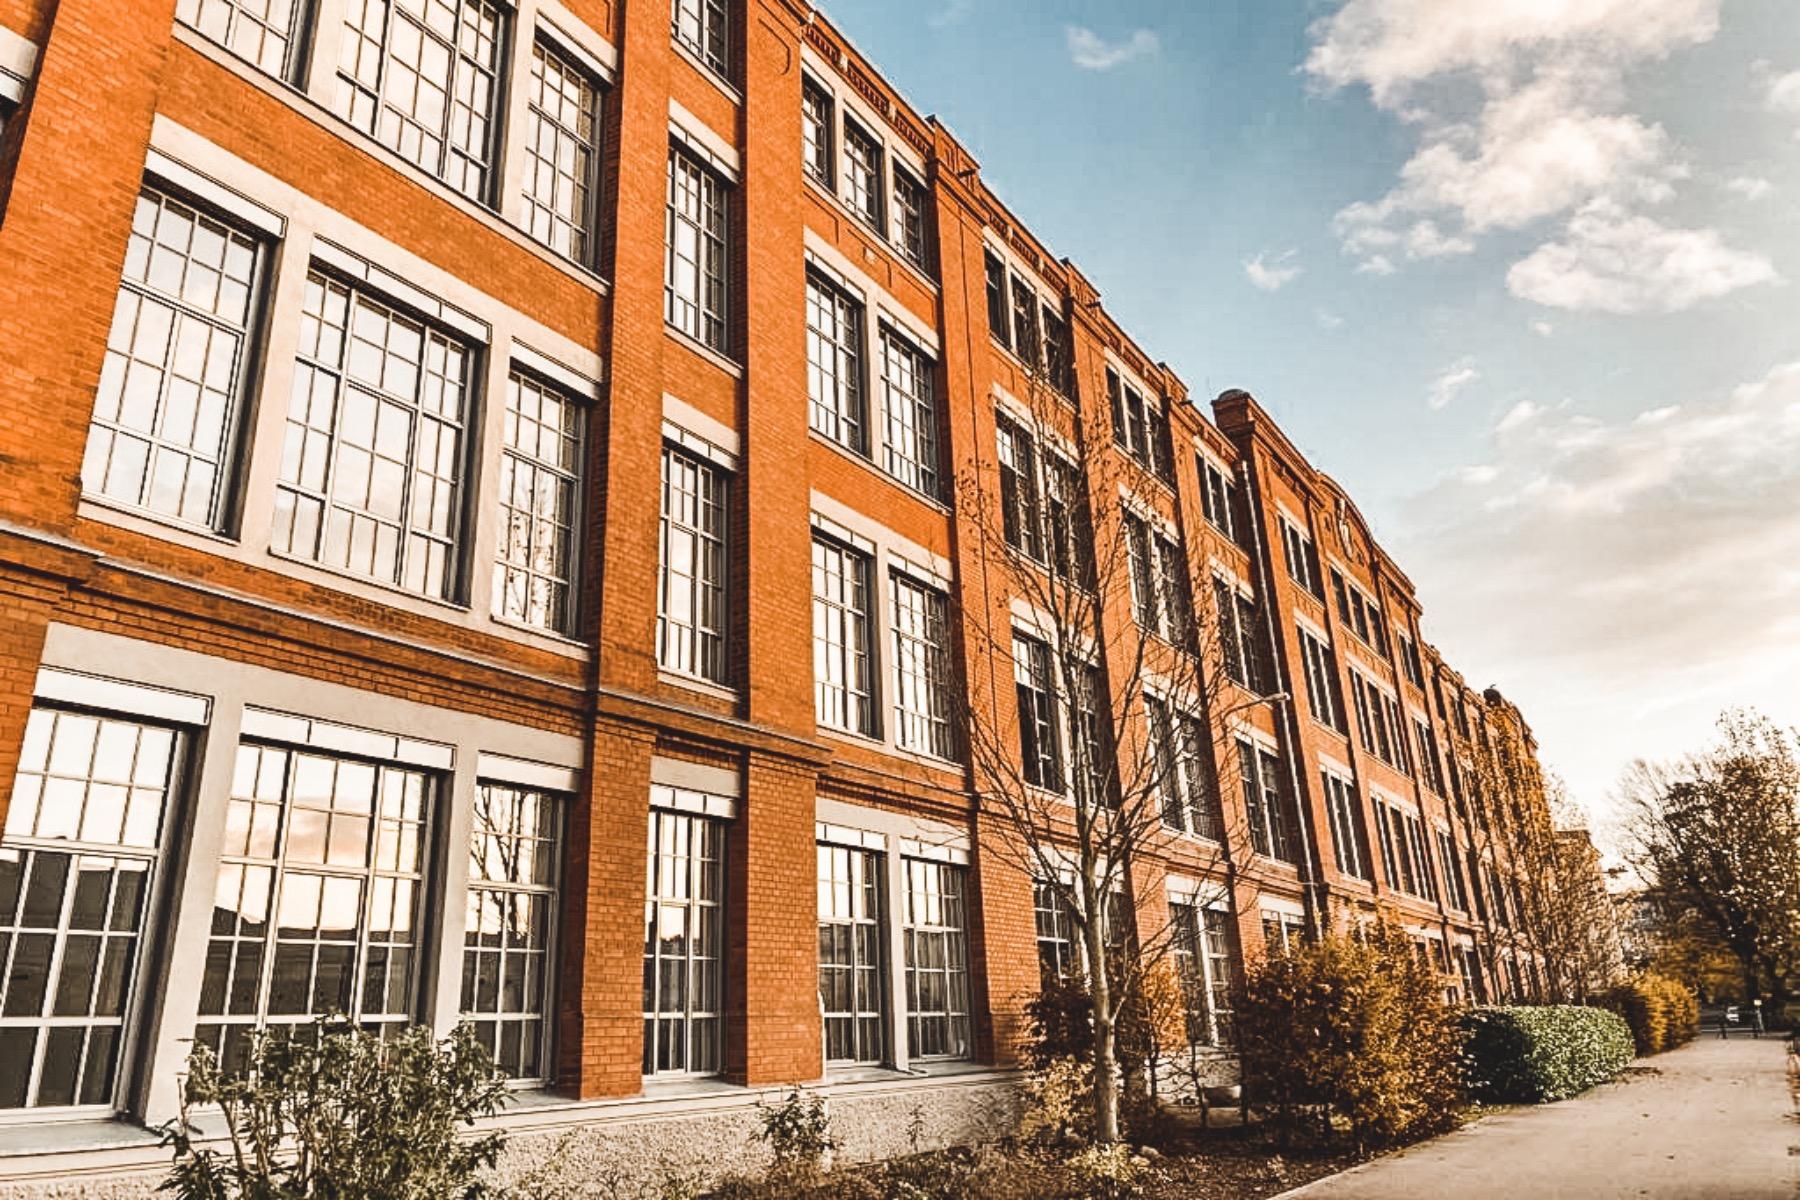 Das ehemalige Fabrikgebäude beherbergt heutzutage Wohnräume und Büros.